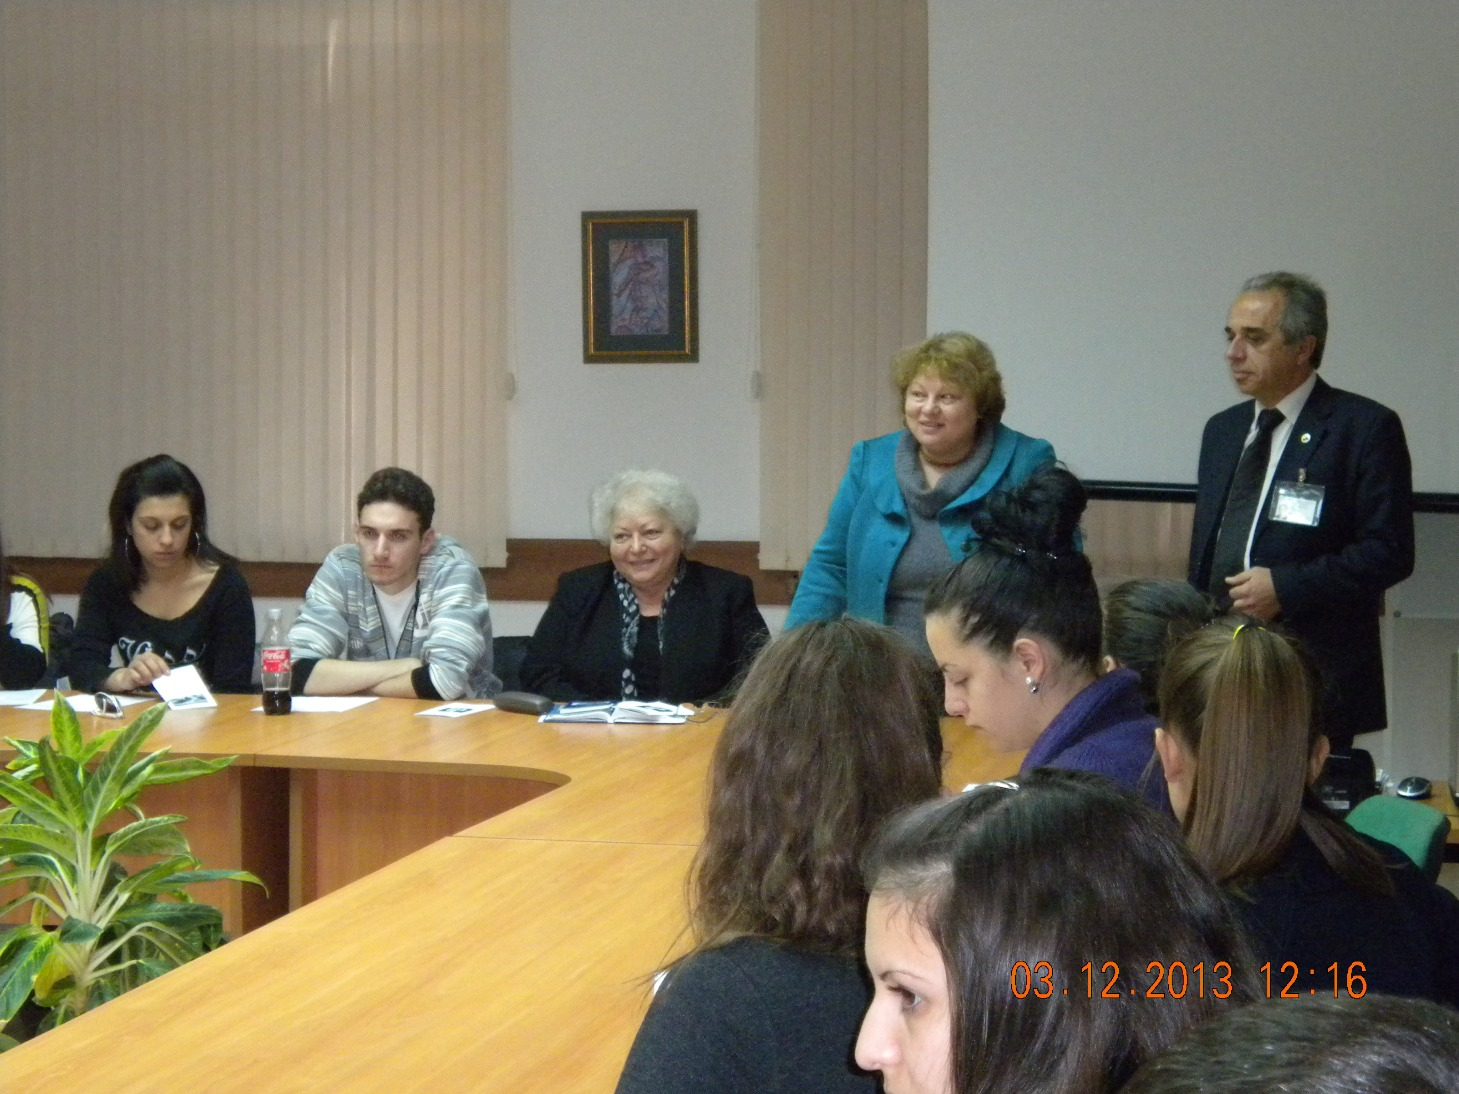 Откриване на информационната среща в Конферентната зала на Университетската библиотека